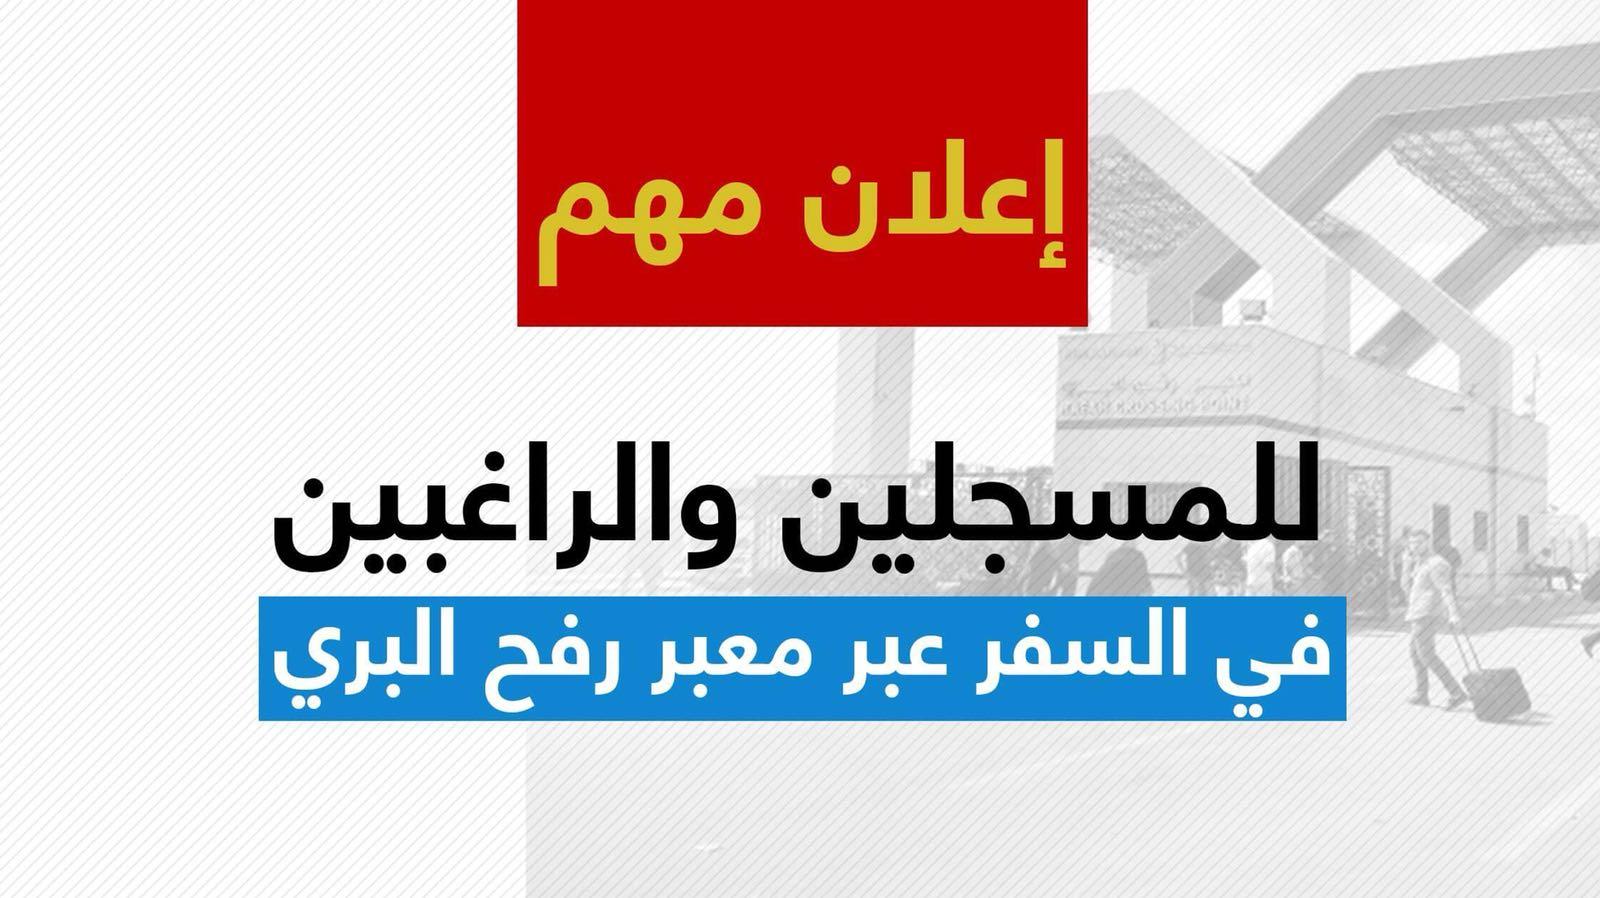 بالأسماء.. آلية السفر عبر معبر رفح  الخميس  - أمد للإعلام